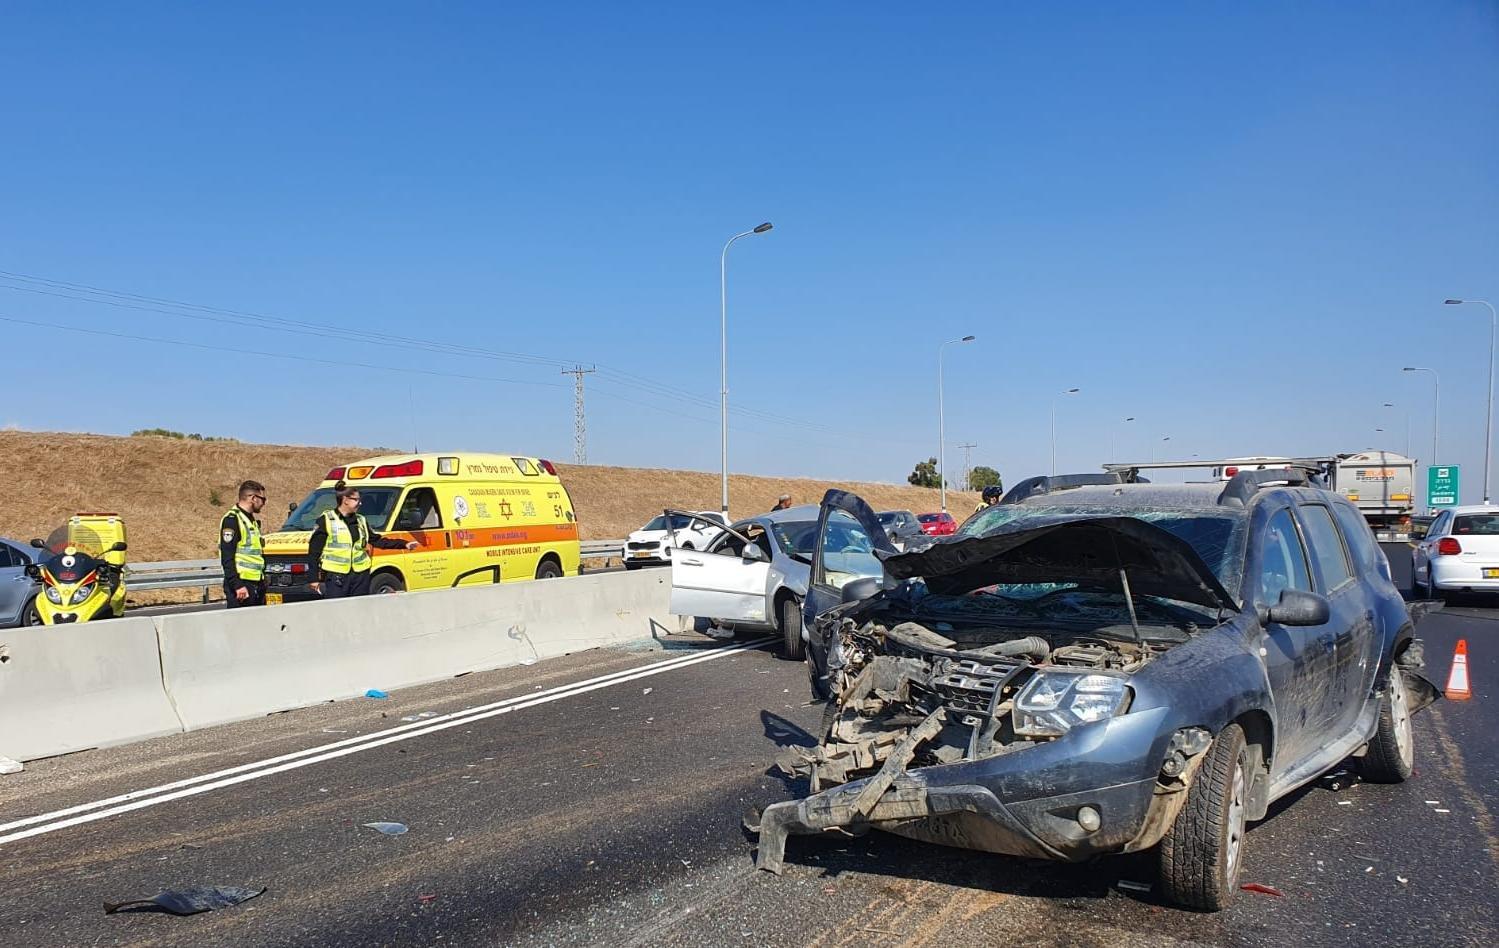 7 إصابات بينها خطيرة بحادث طرق مروع قرب أشدود